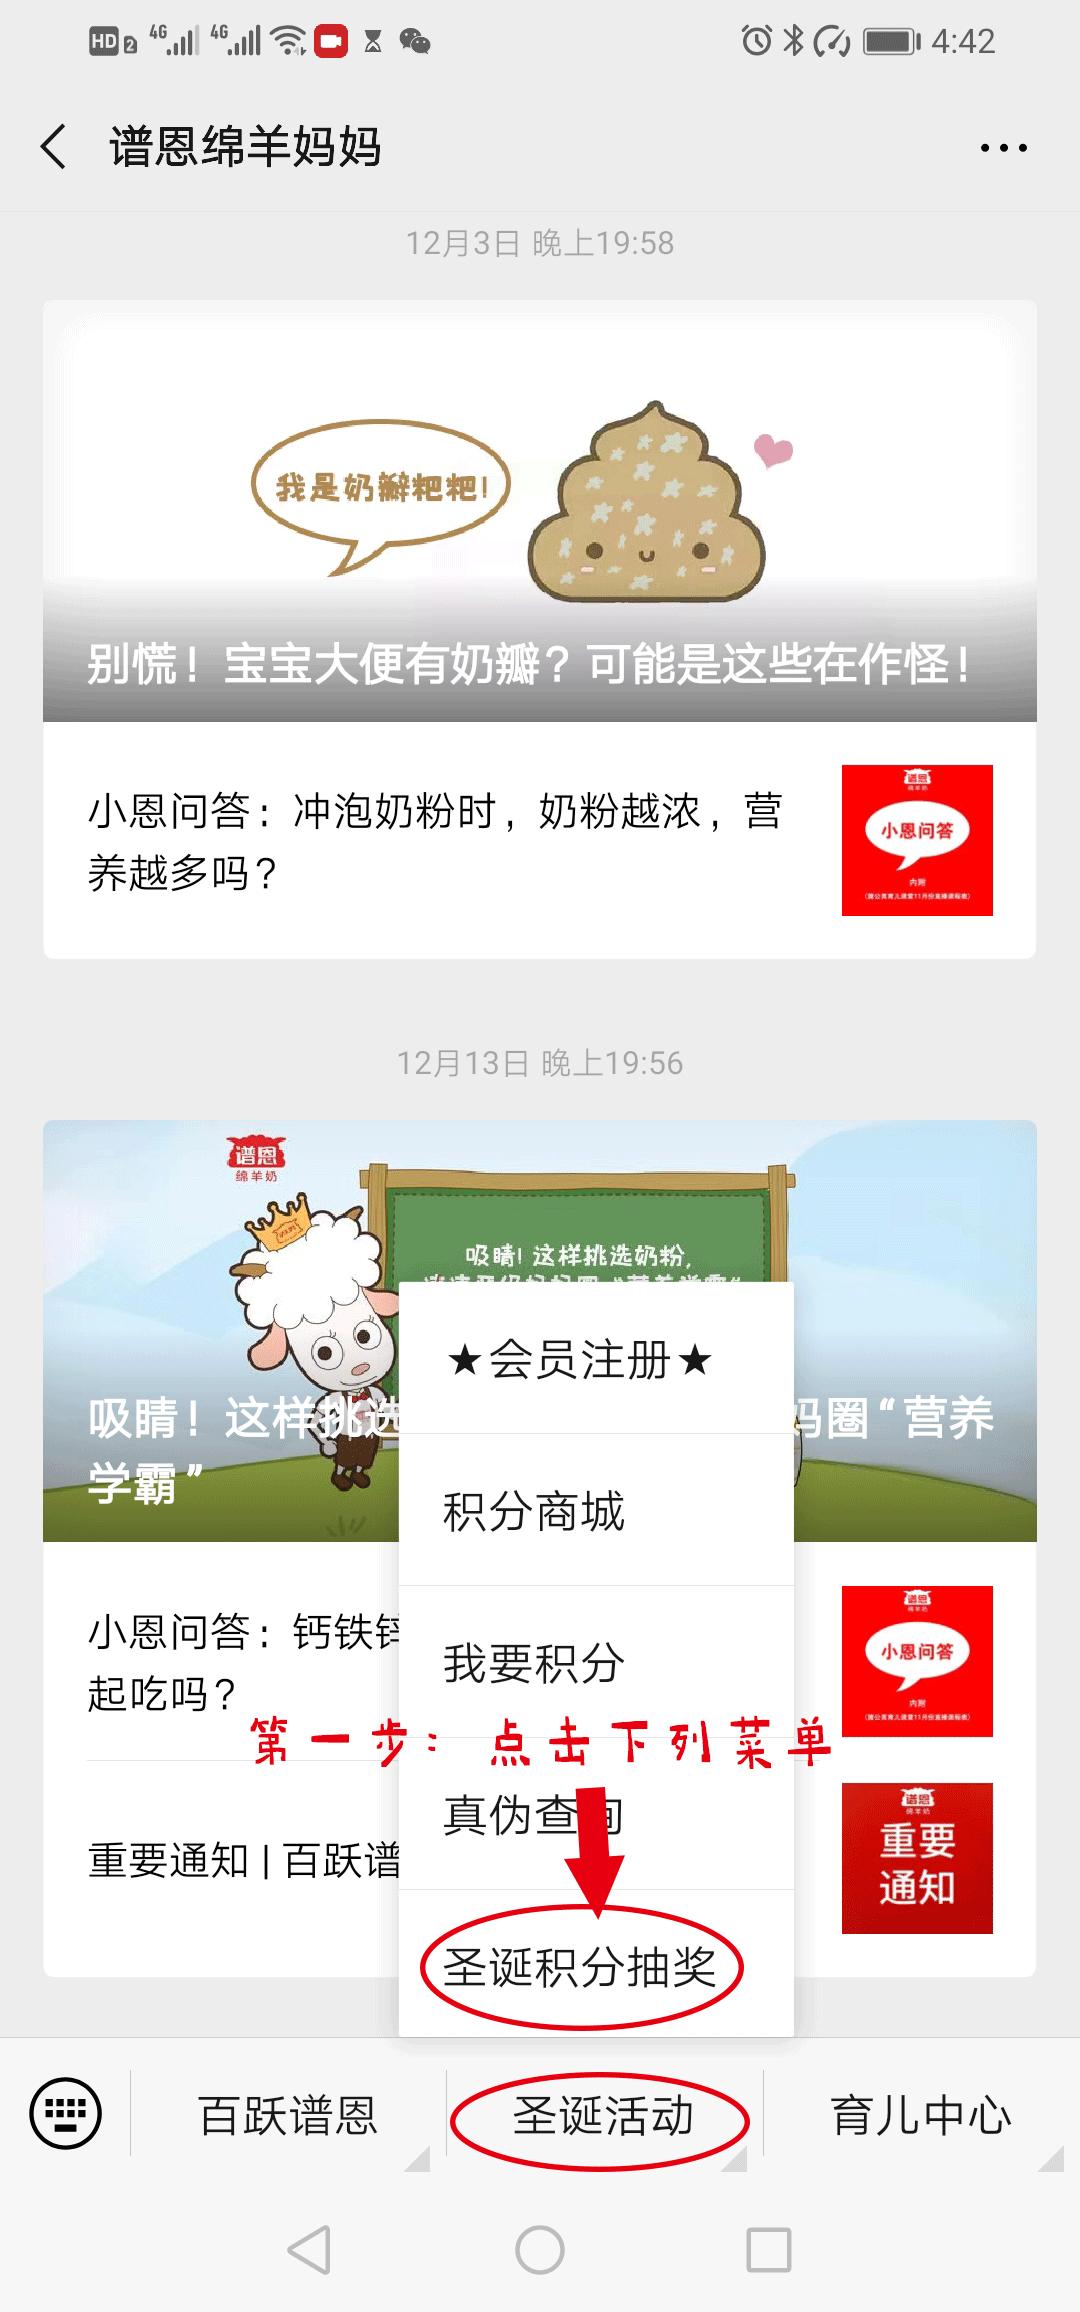 """100%中奖!@寻找""""圣诞幸运星"""",丰富奖品等你拿!-羊奶粉-百跃羊乳集团谱恩绵羊奶"""